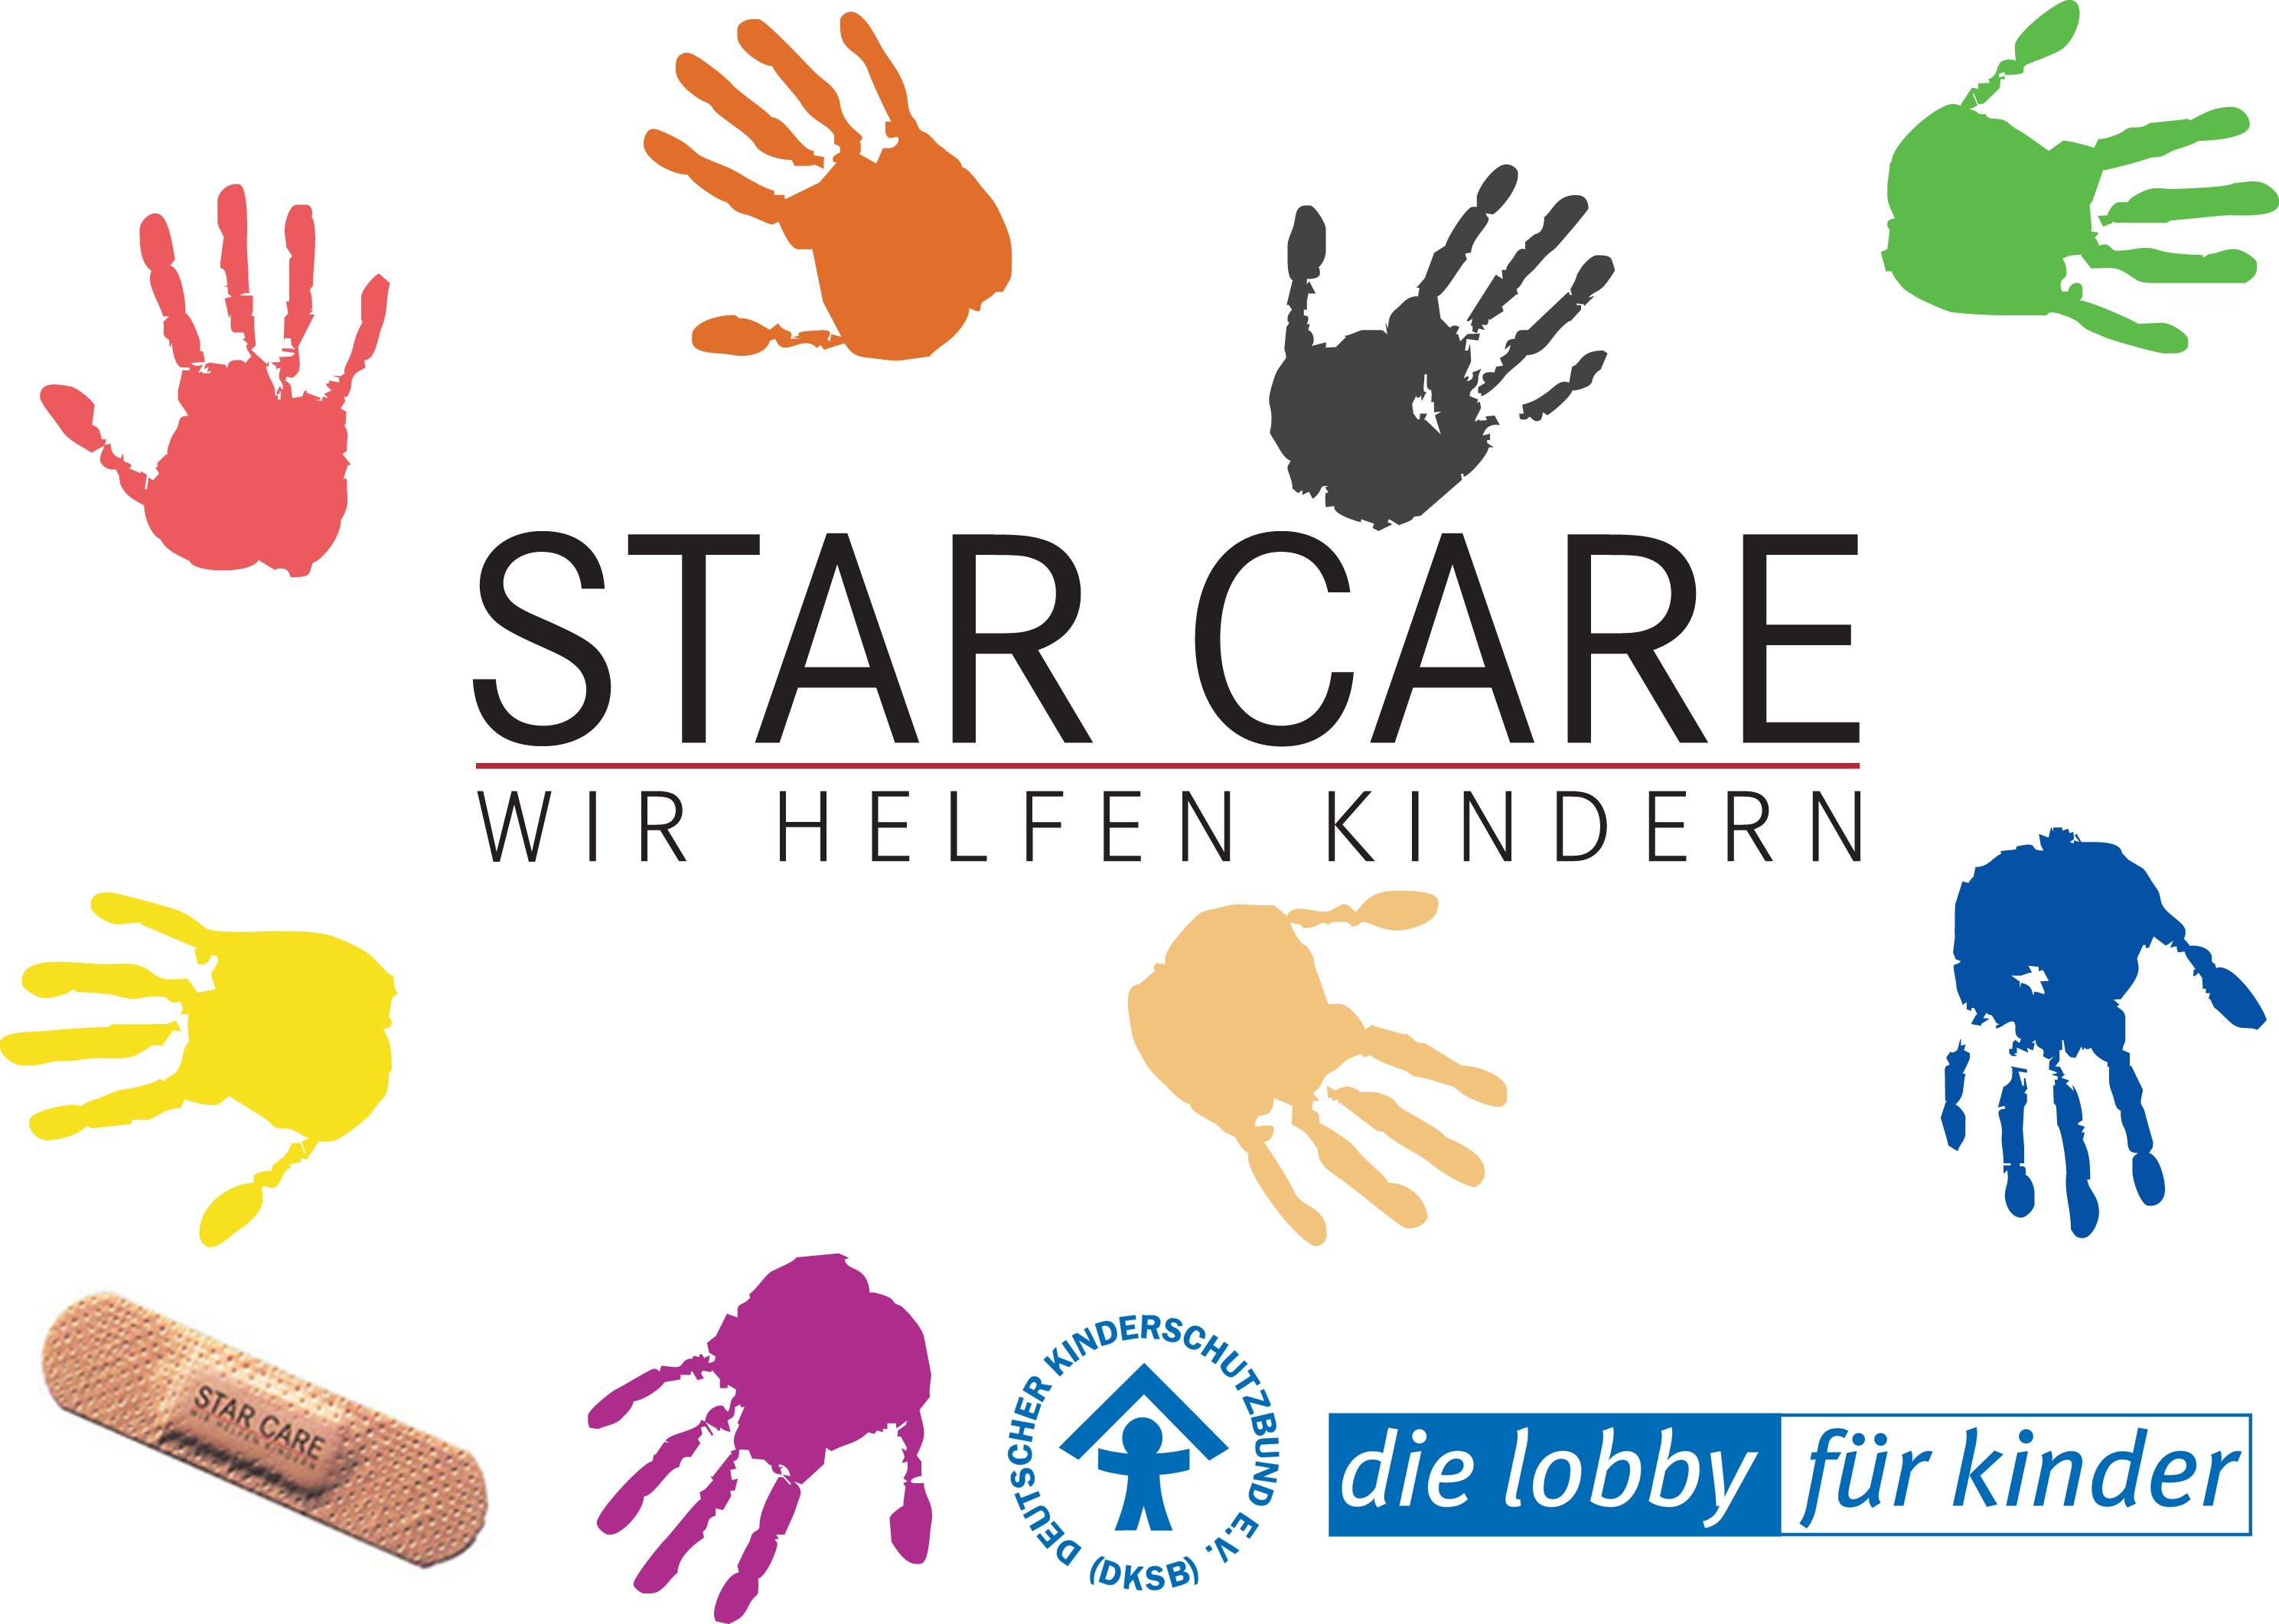 Starcare-Wir helfen Kindern